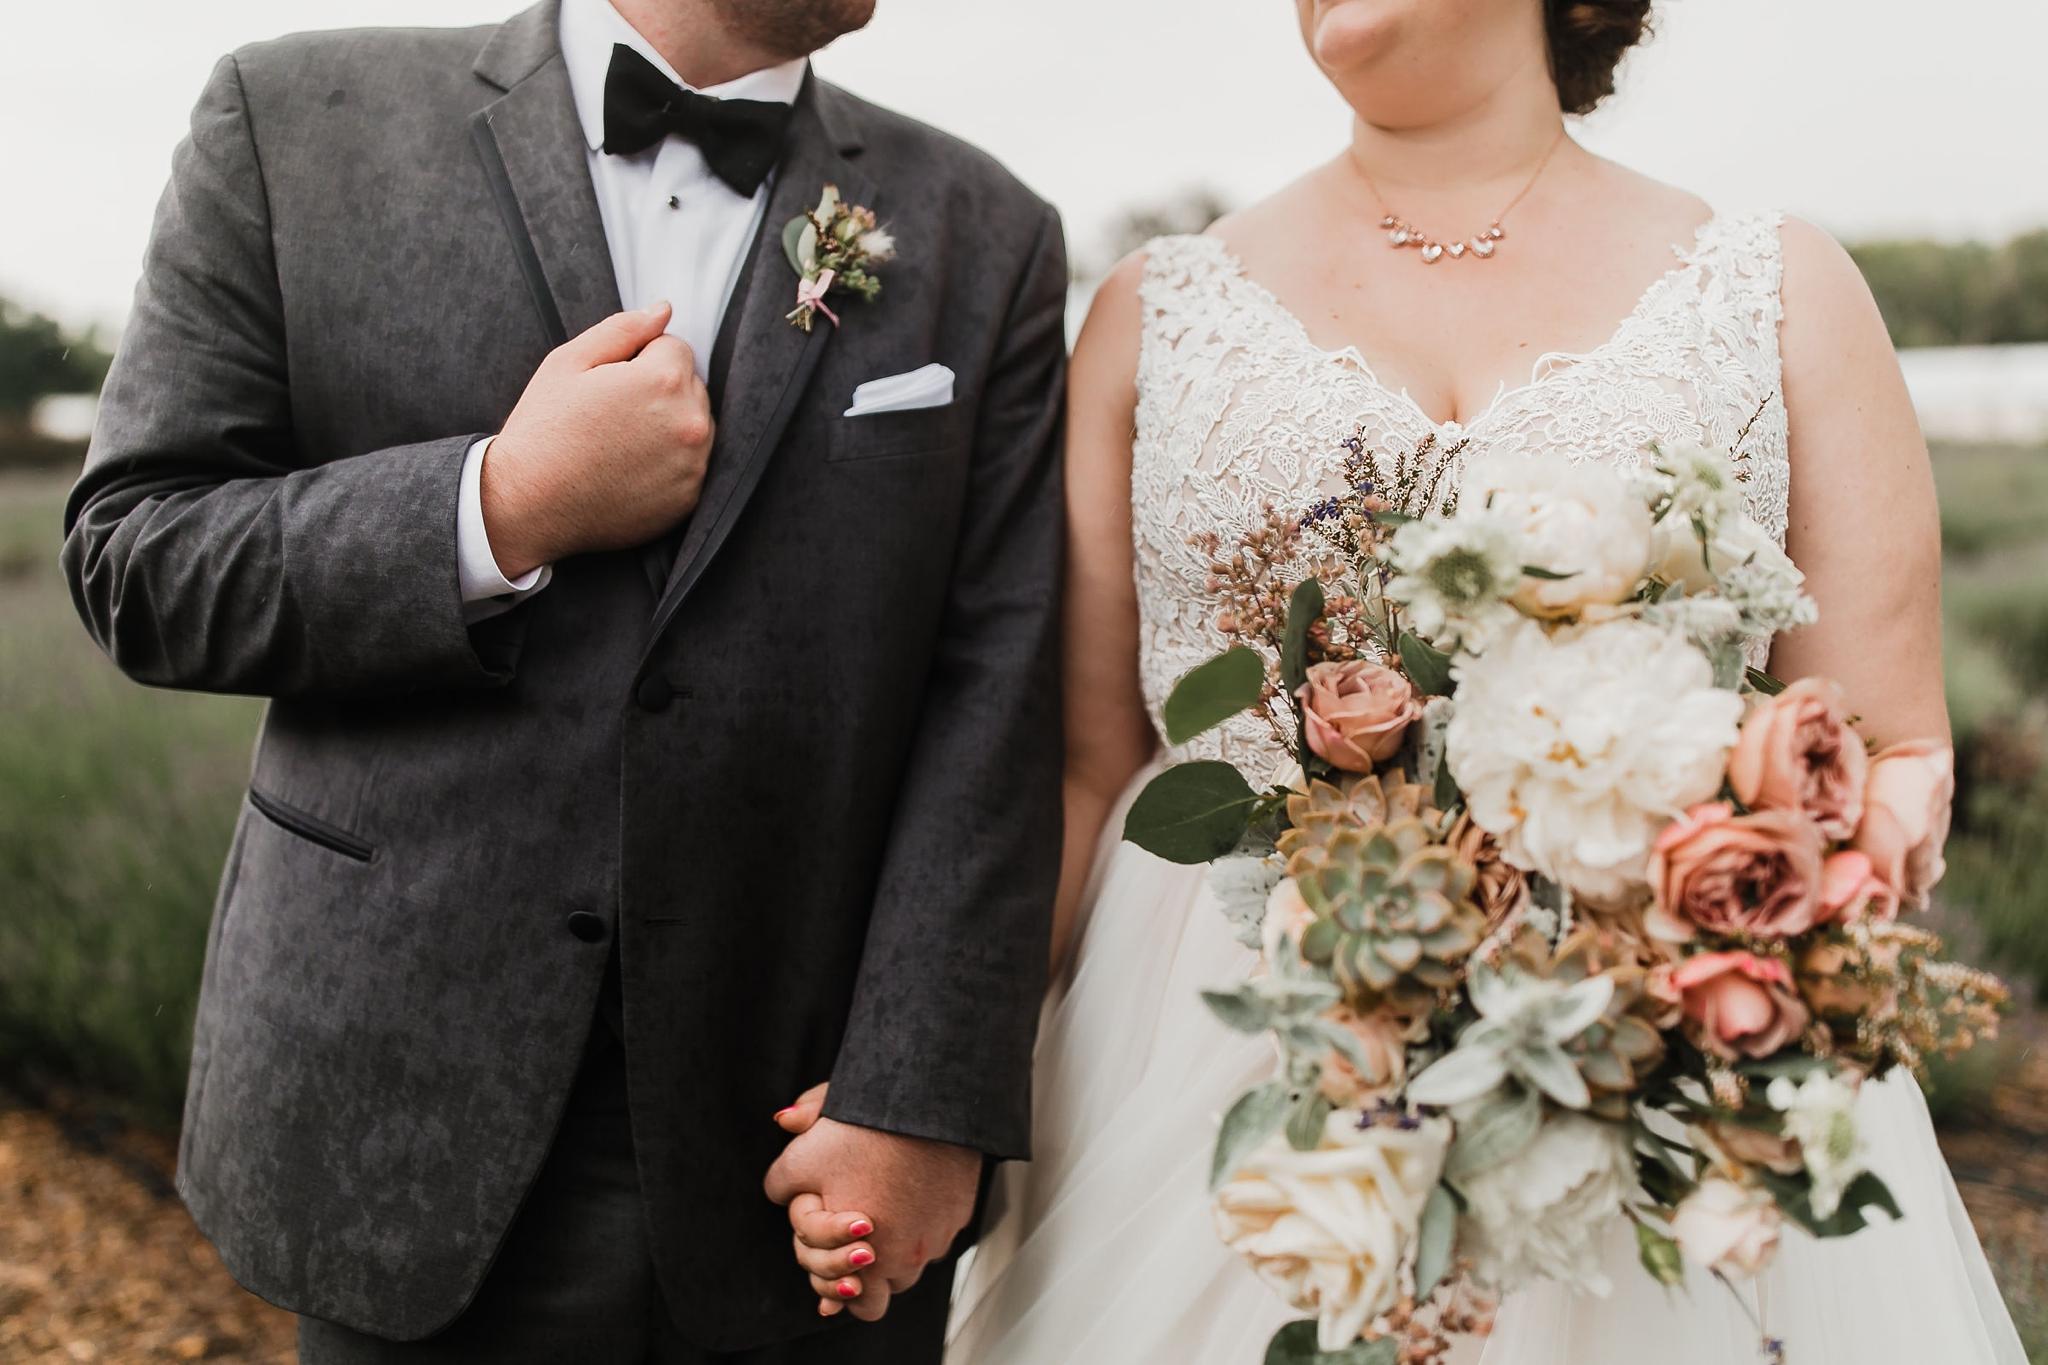 Alicia+lucia+photography+-+albuquerque+wedding+photographer+-+santa+fe+wedding+photography+-+new+mexico+wedding+photographer+-+new+mexico+wedding+-+summer+wedding+-+summer+wedding+florals+-+southwest+wedding_0062.jpg